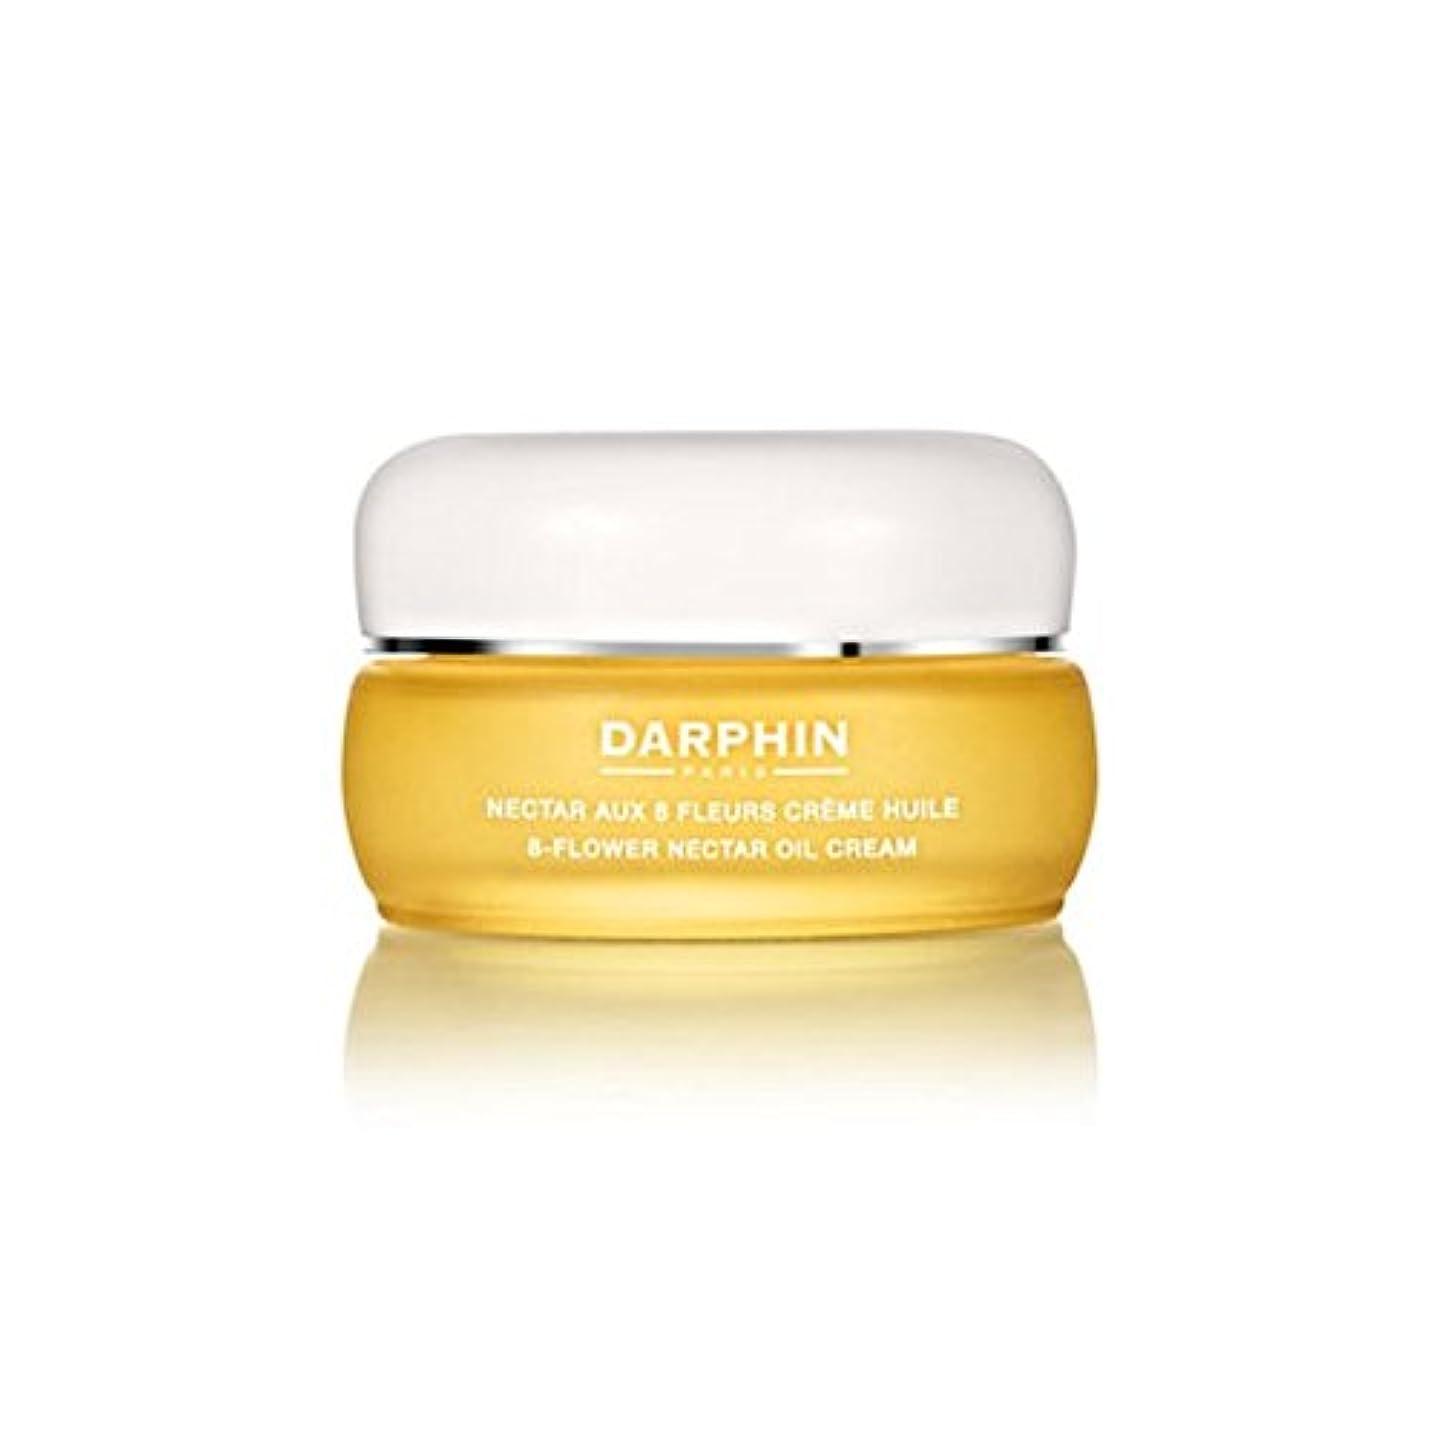 バルセロナ破産クラックポットダルファン8フラワー油クリーム(30ミリリットル) x2 - Darphin 8-Flower Oil Cream (30ml) (Pack of 2) [並行輸入品]